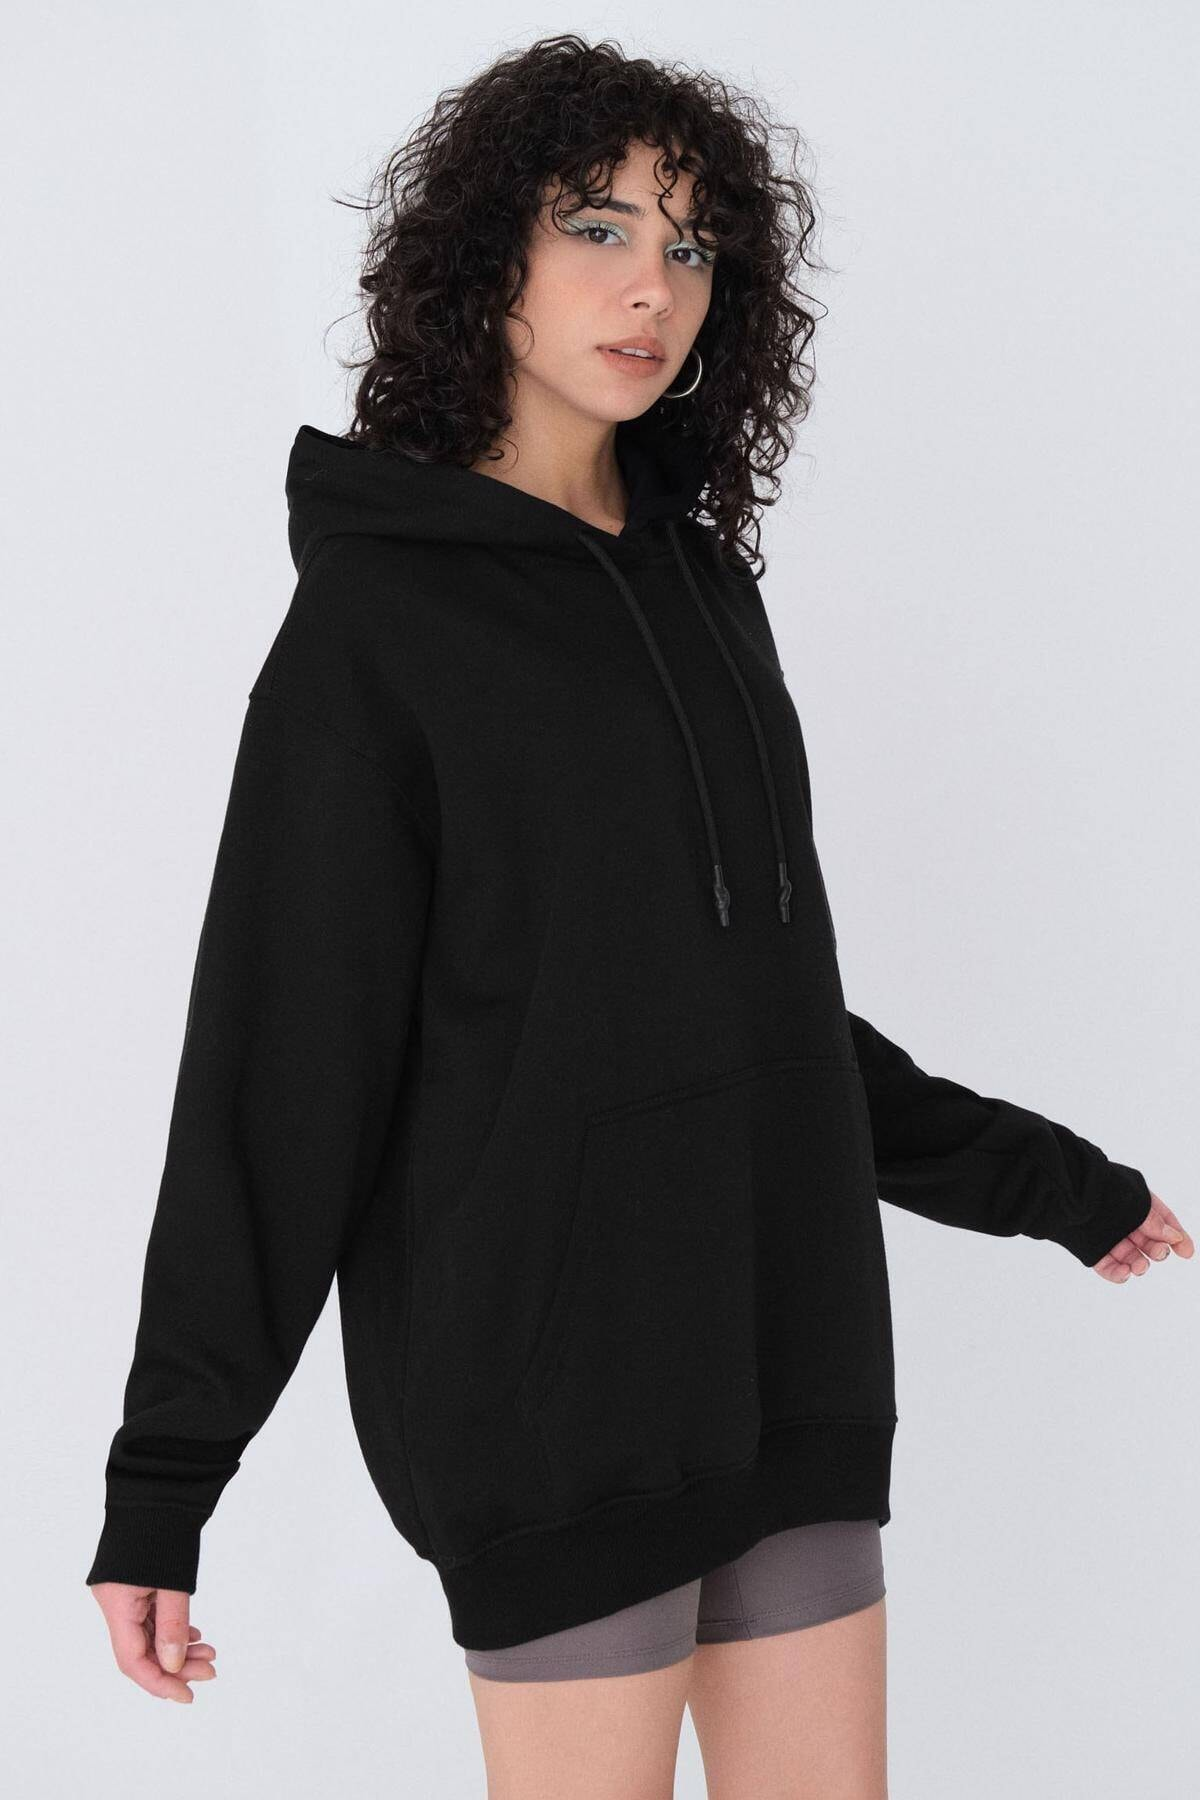 Kadın Siyah Kapüşonlu Oversize Sweat S0925 - N4 - P3 ADX-0000022256